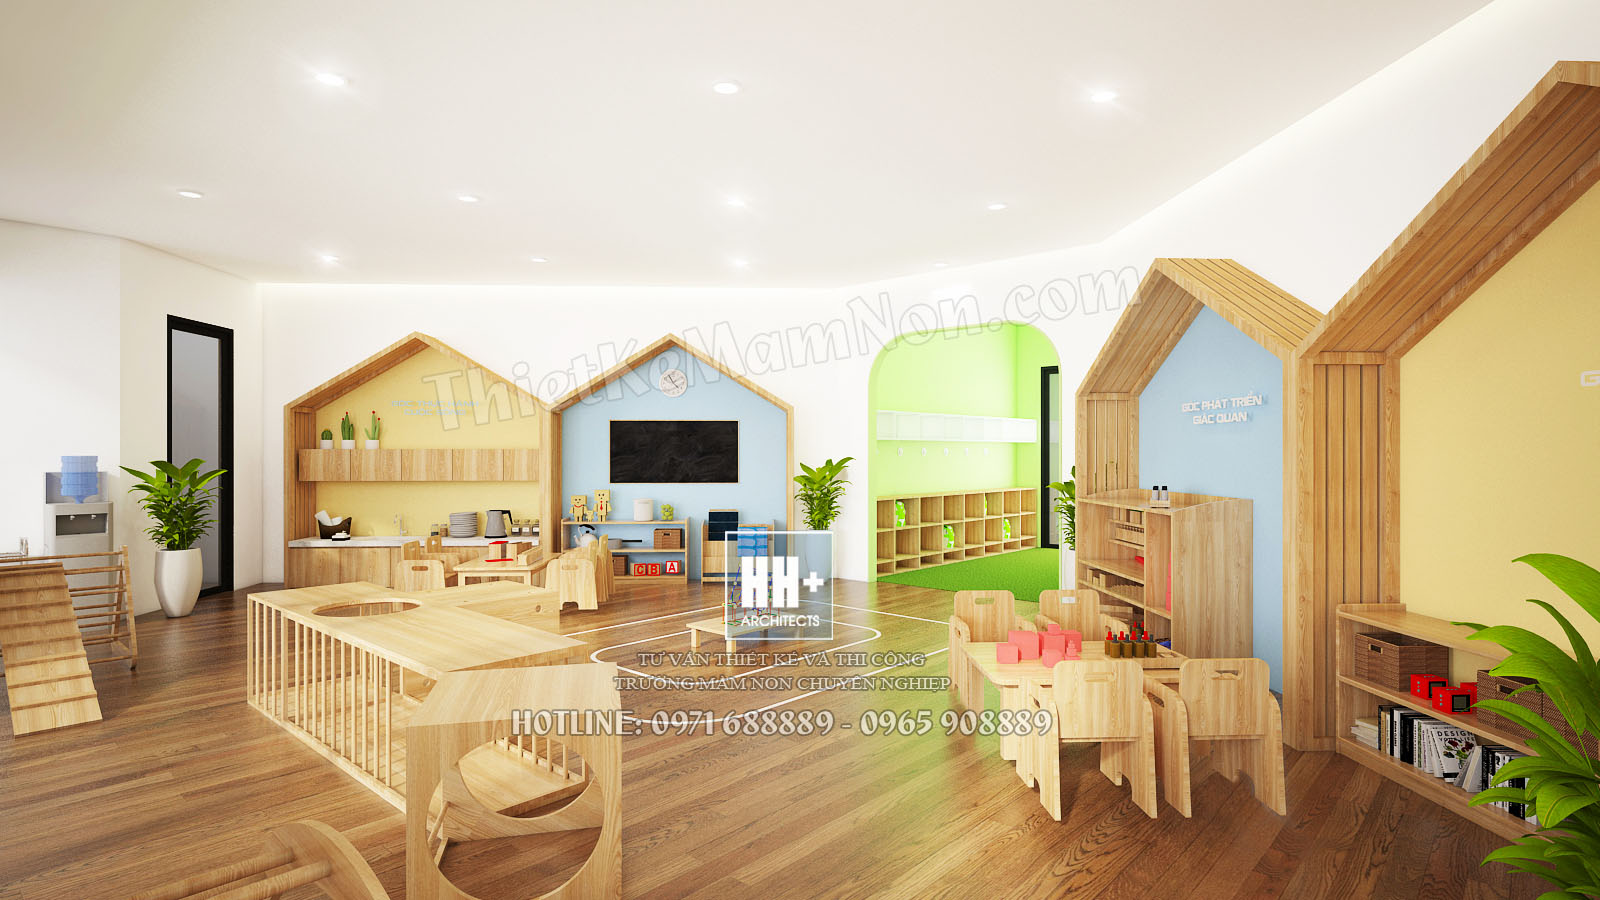 10 Tang 3 Thiết kế trường mầm non montessori Thiết kế trường mầm non montessori Hoa Thủy Tinh 10 Tang 3